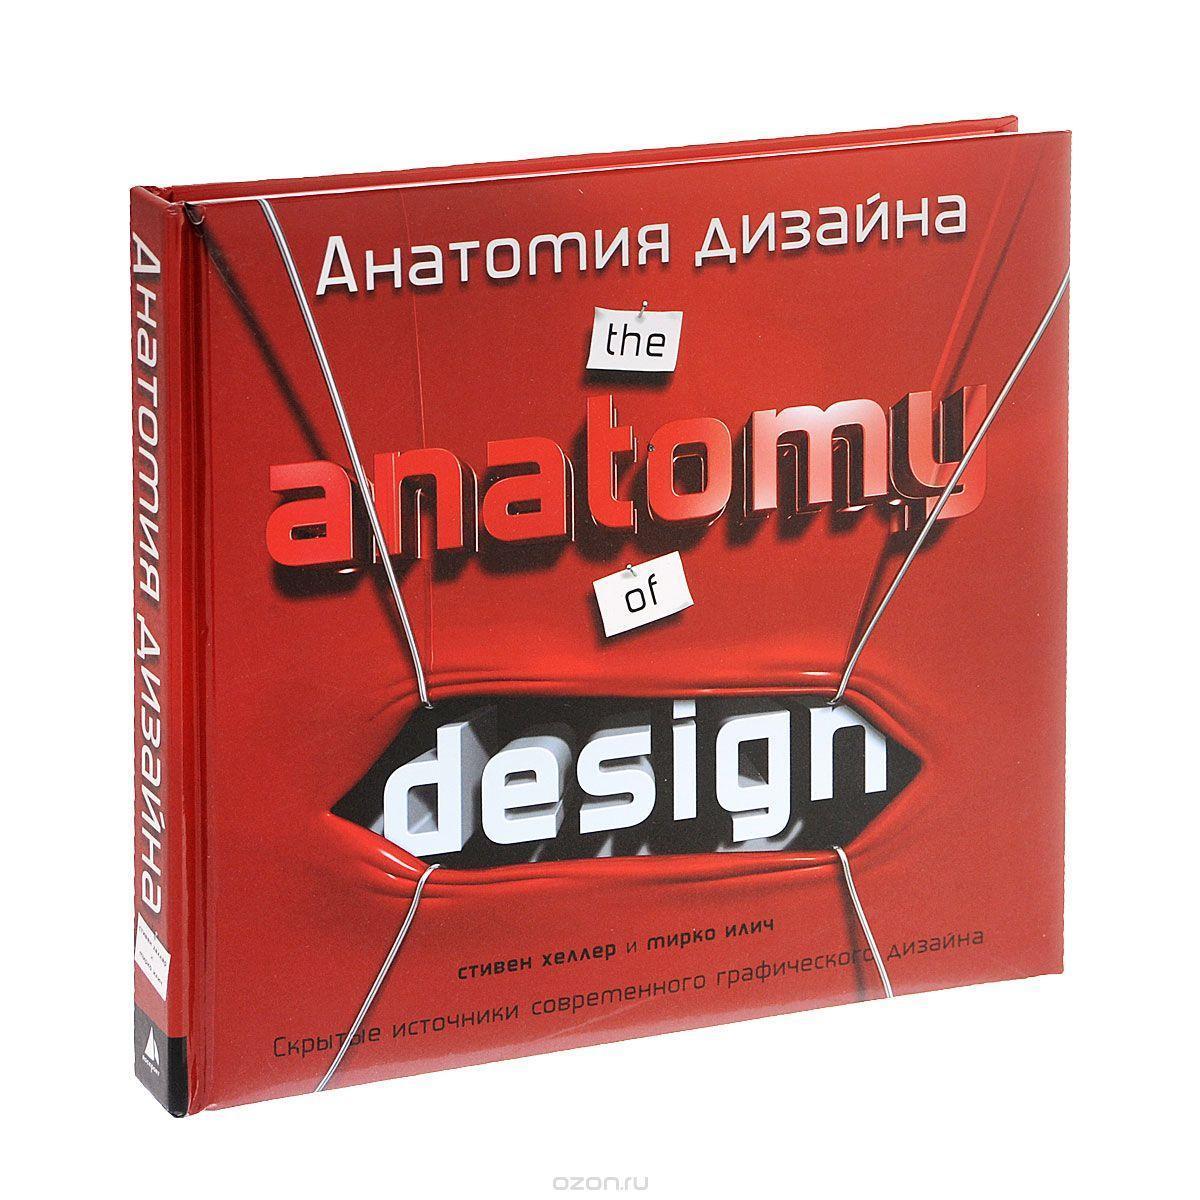 Анатомия дизайна. Скрытые источники современного графического дизайна. Стивен Хеллер, Мирко Илич